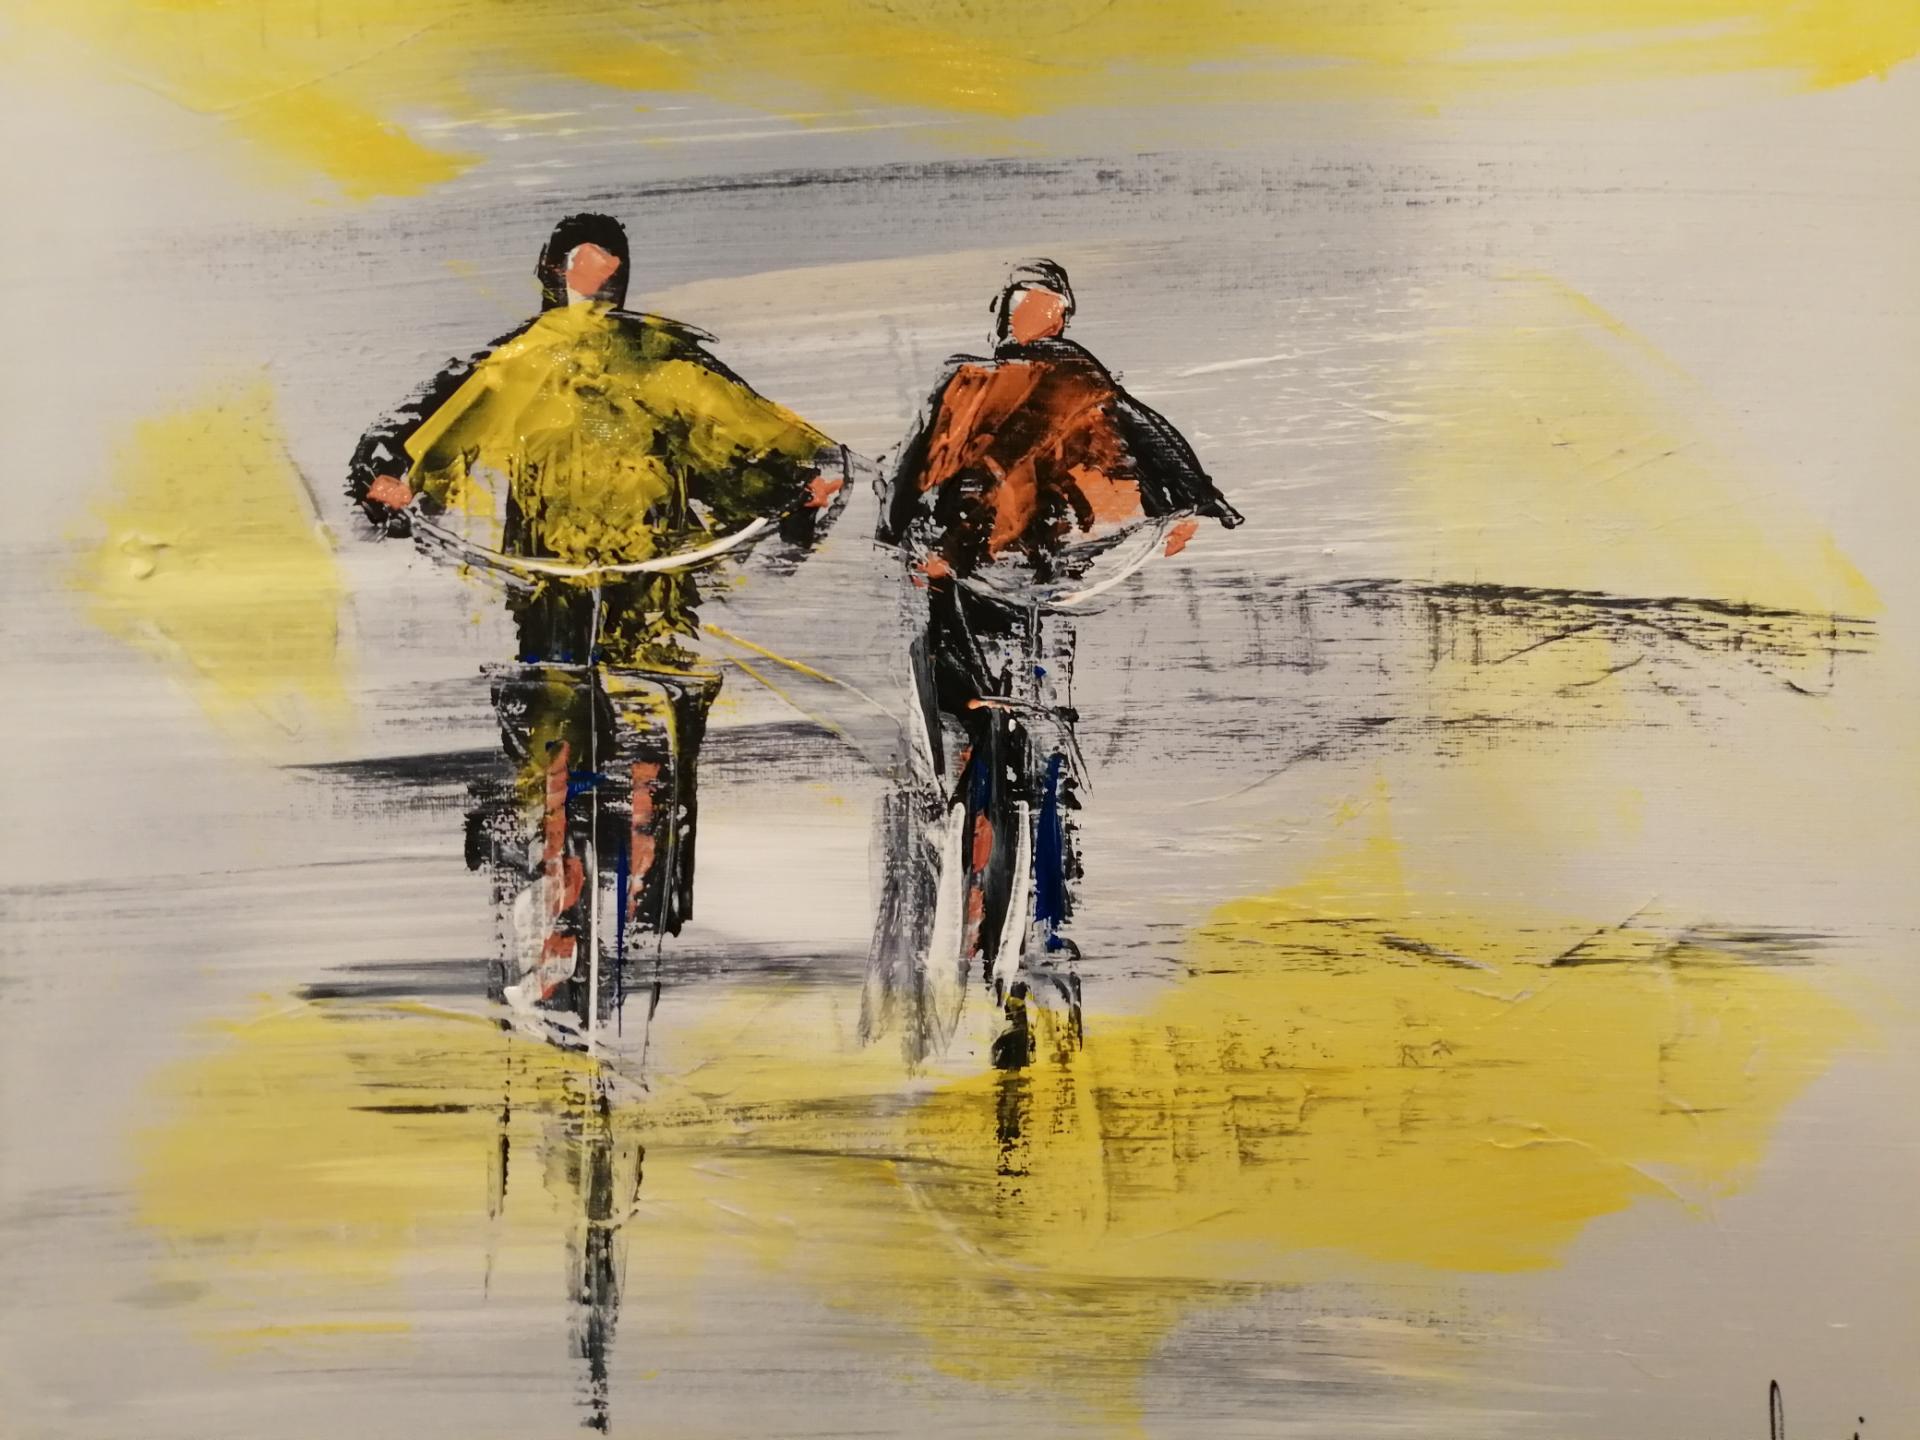 randonnee cycliste sur une  plage de la côte d'Opale